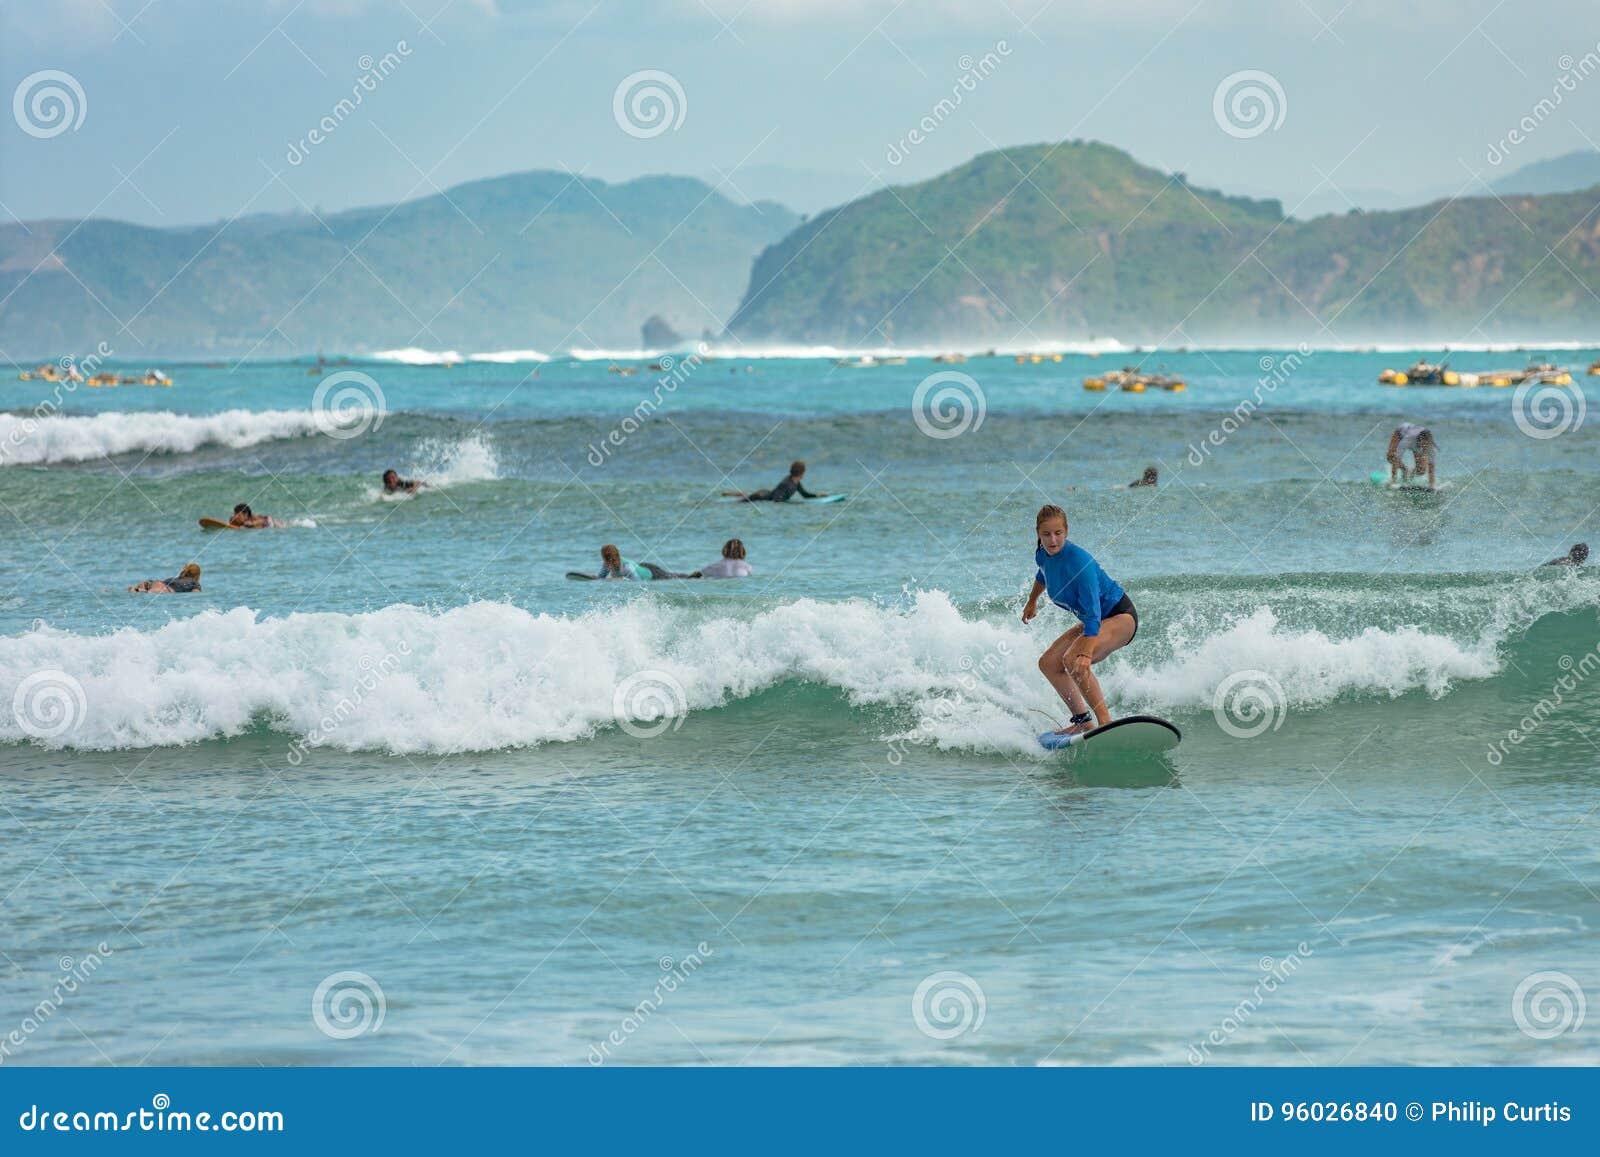 10/06/2017 Pantau Mawun, Lombok, Indonezja Młoda kobieta uczy się surfować